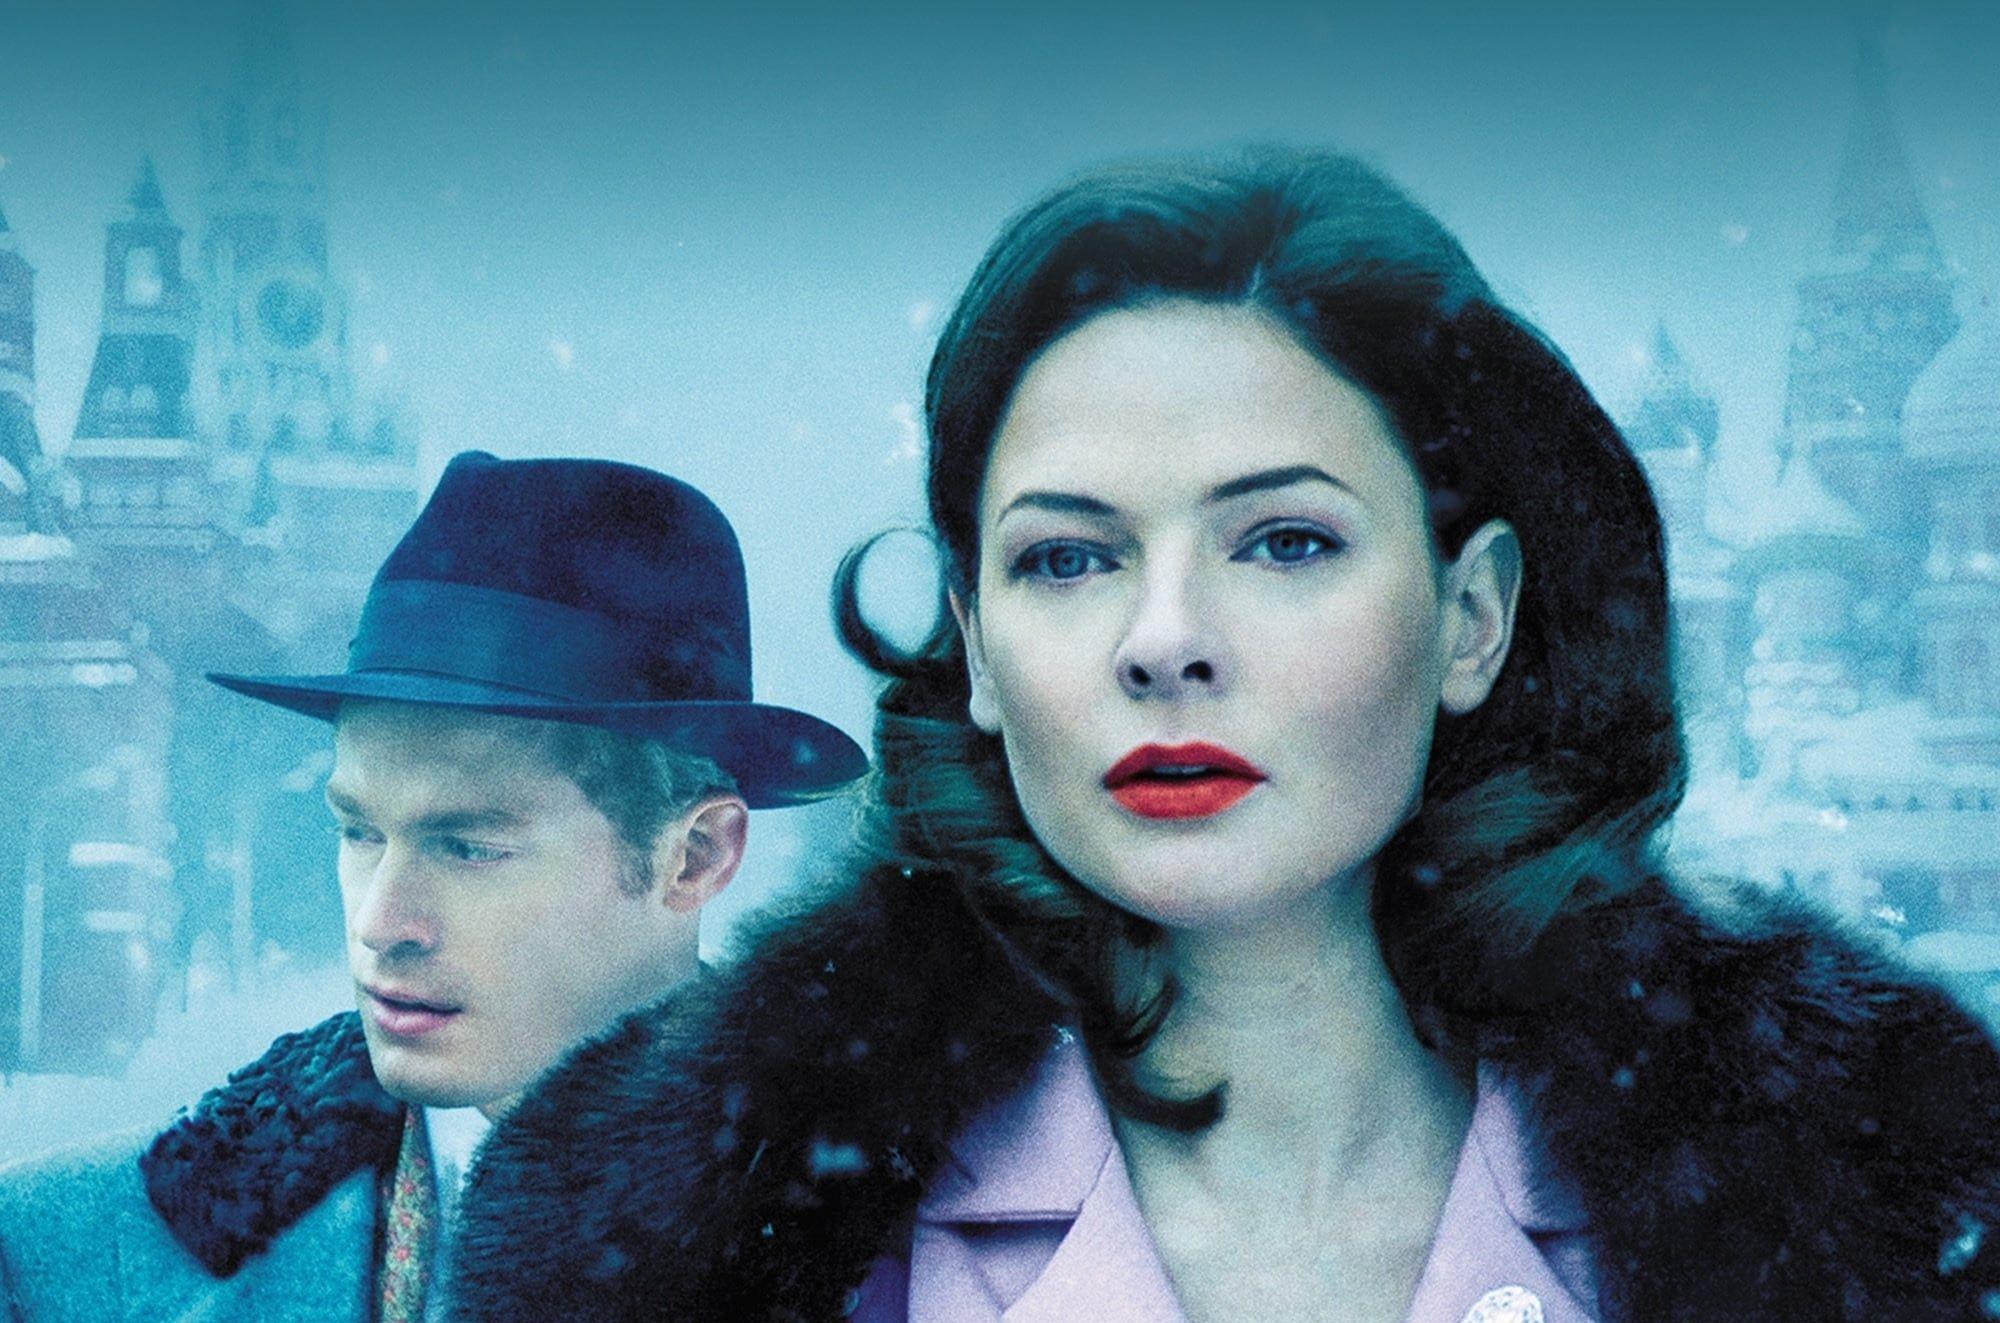 La spia russa, la recensione del film con Rebecca Ferguson